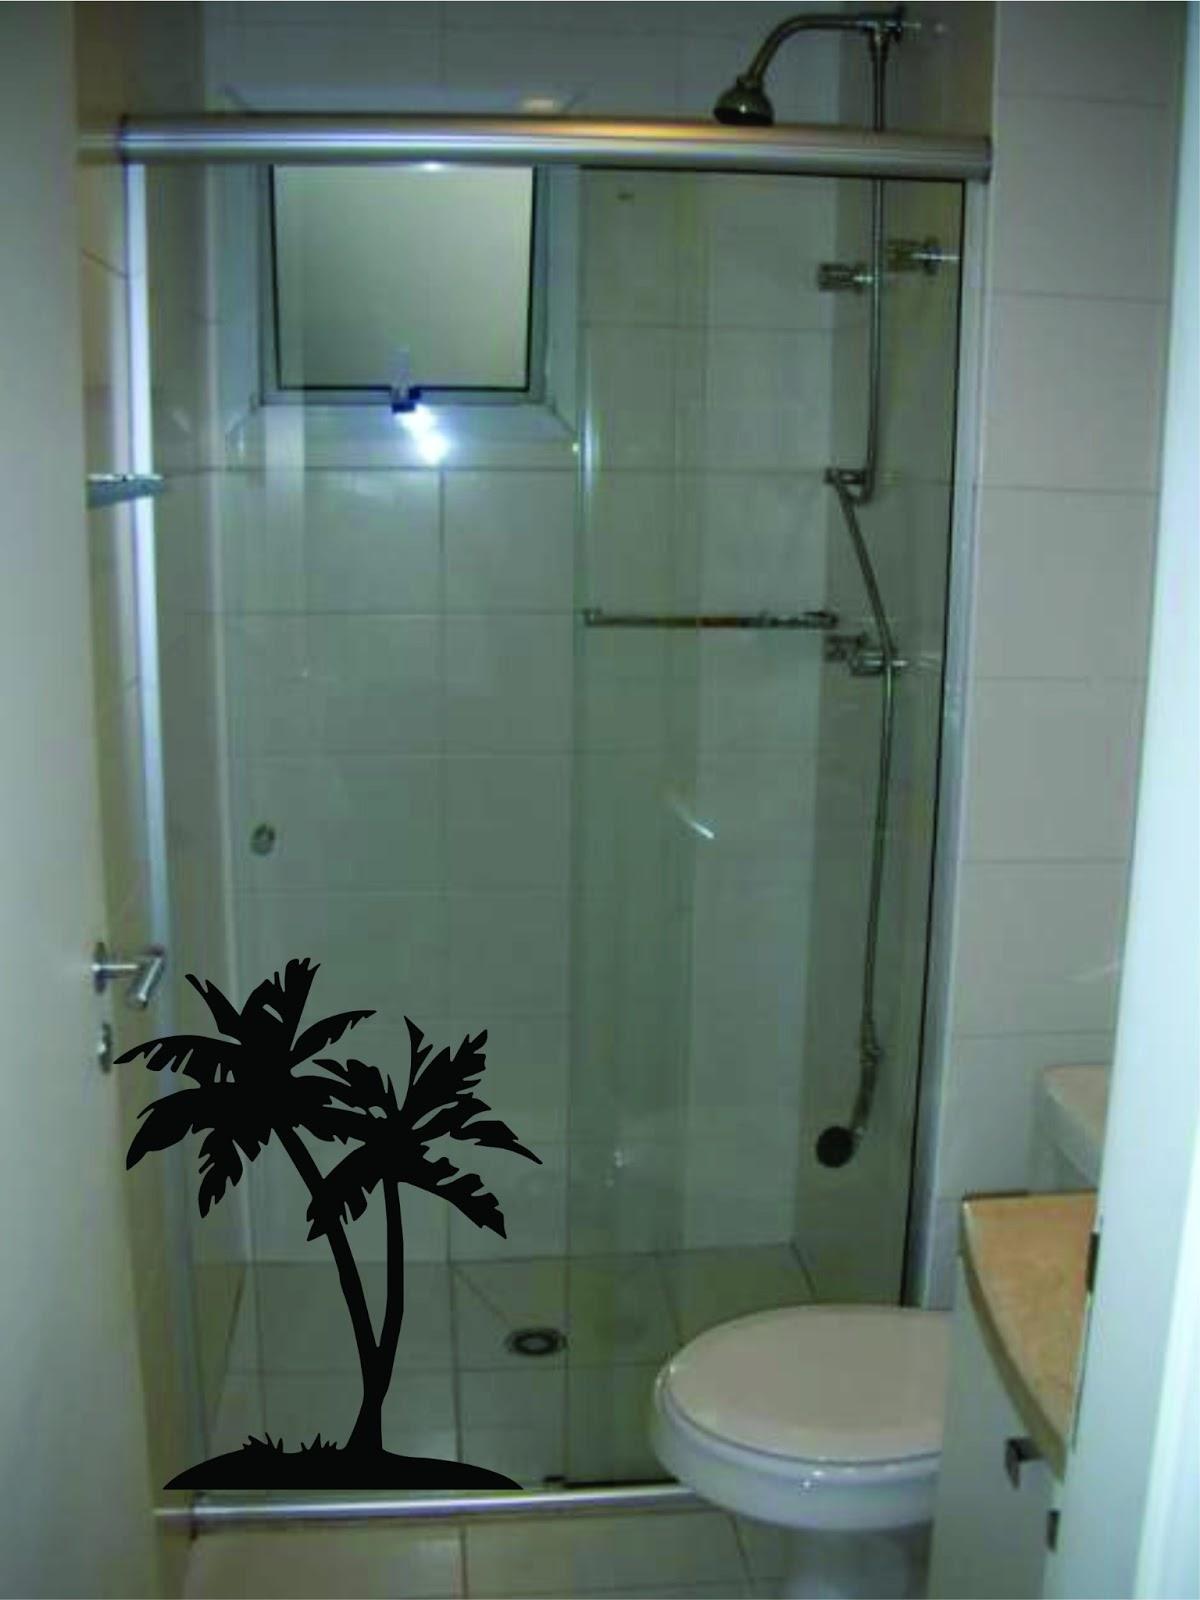 Imagens de #31829A Adesivo decorativo box banheiro/Jateado/Pastilhas Adesivas Bauru 1200x1600 px 3090 Box Banheiro Bauru